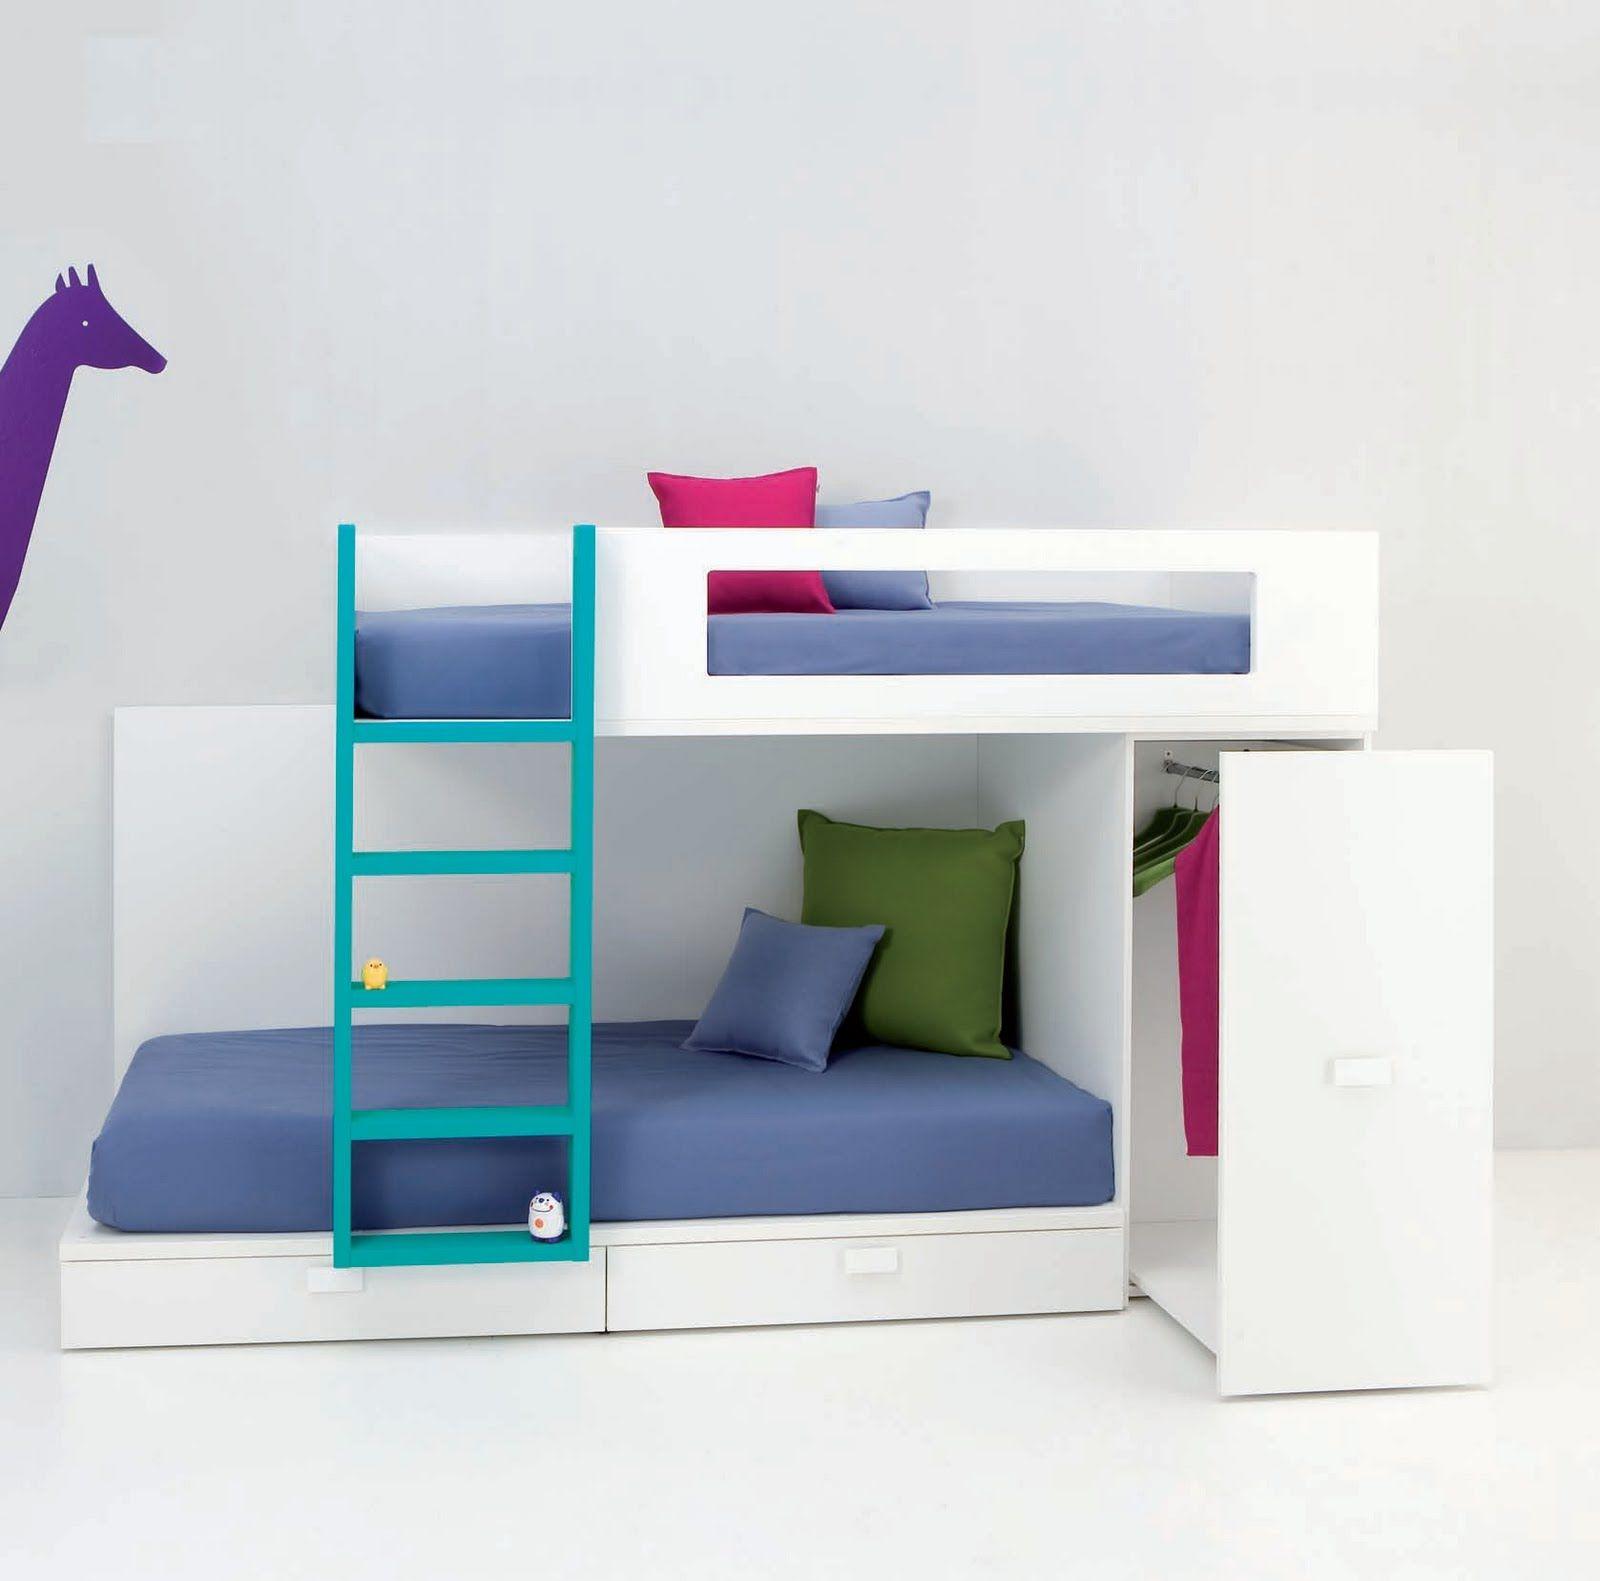 Dormitorios juveniles habitaciones infantiles y mueble for Muebles habitacion infantil nina